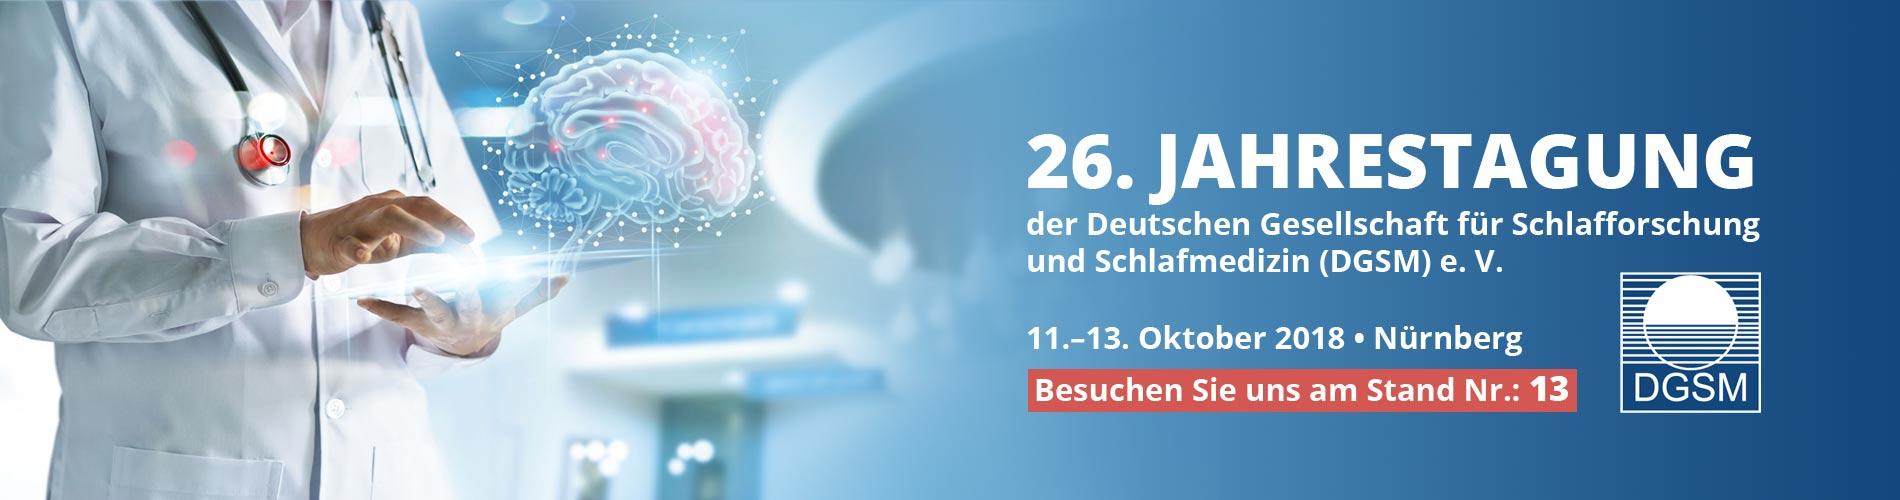 26-jahrestagung-dgsm 2018-Nuremburg